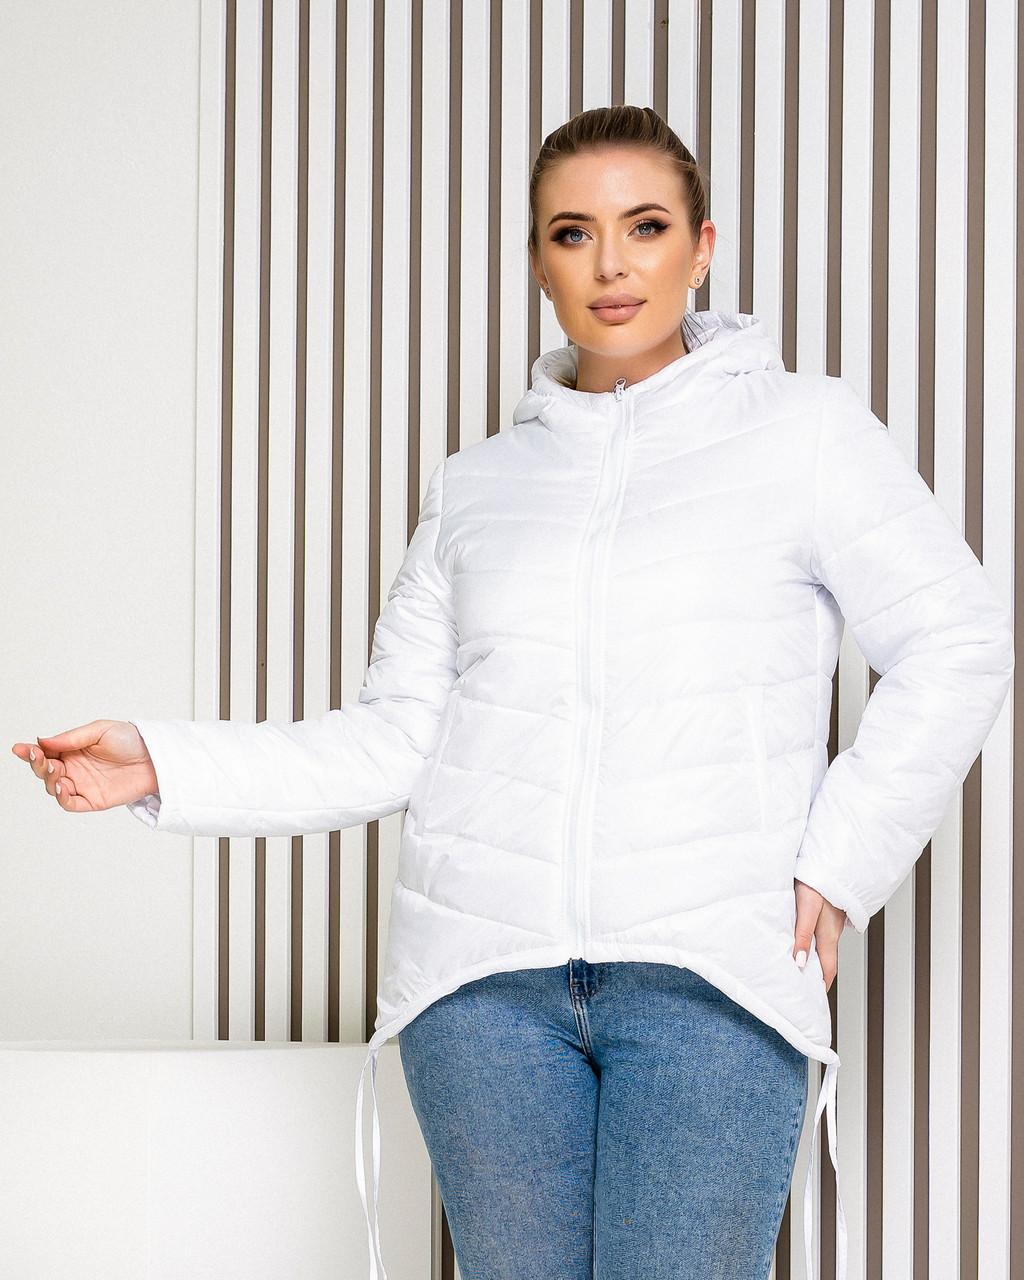 Куртка жіноча демісезонна з капюшоном, арт. 210, біла